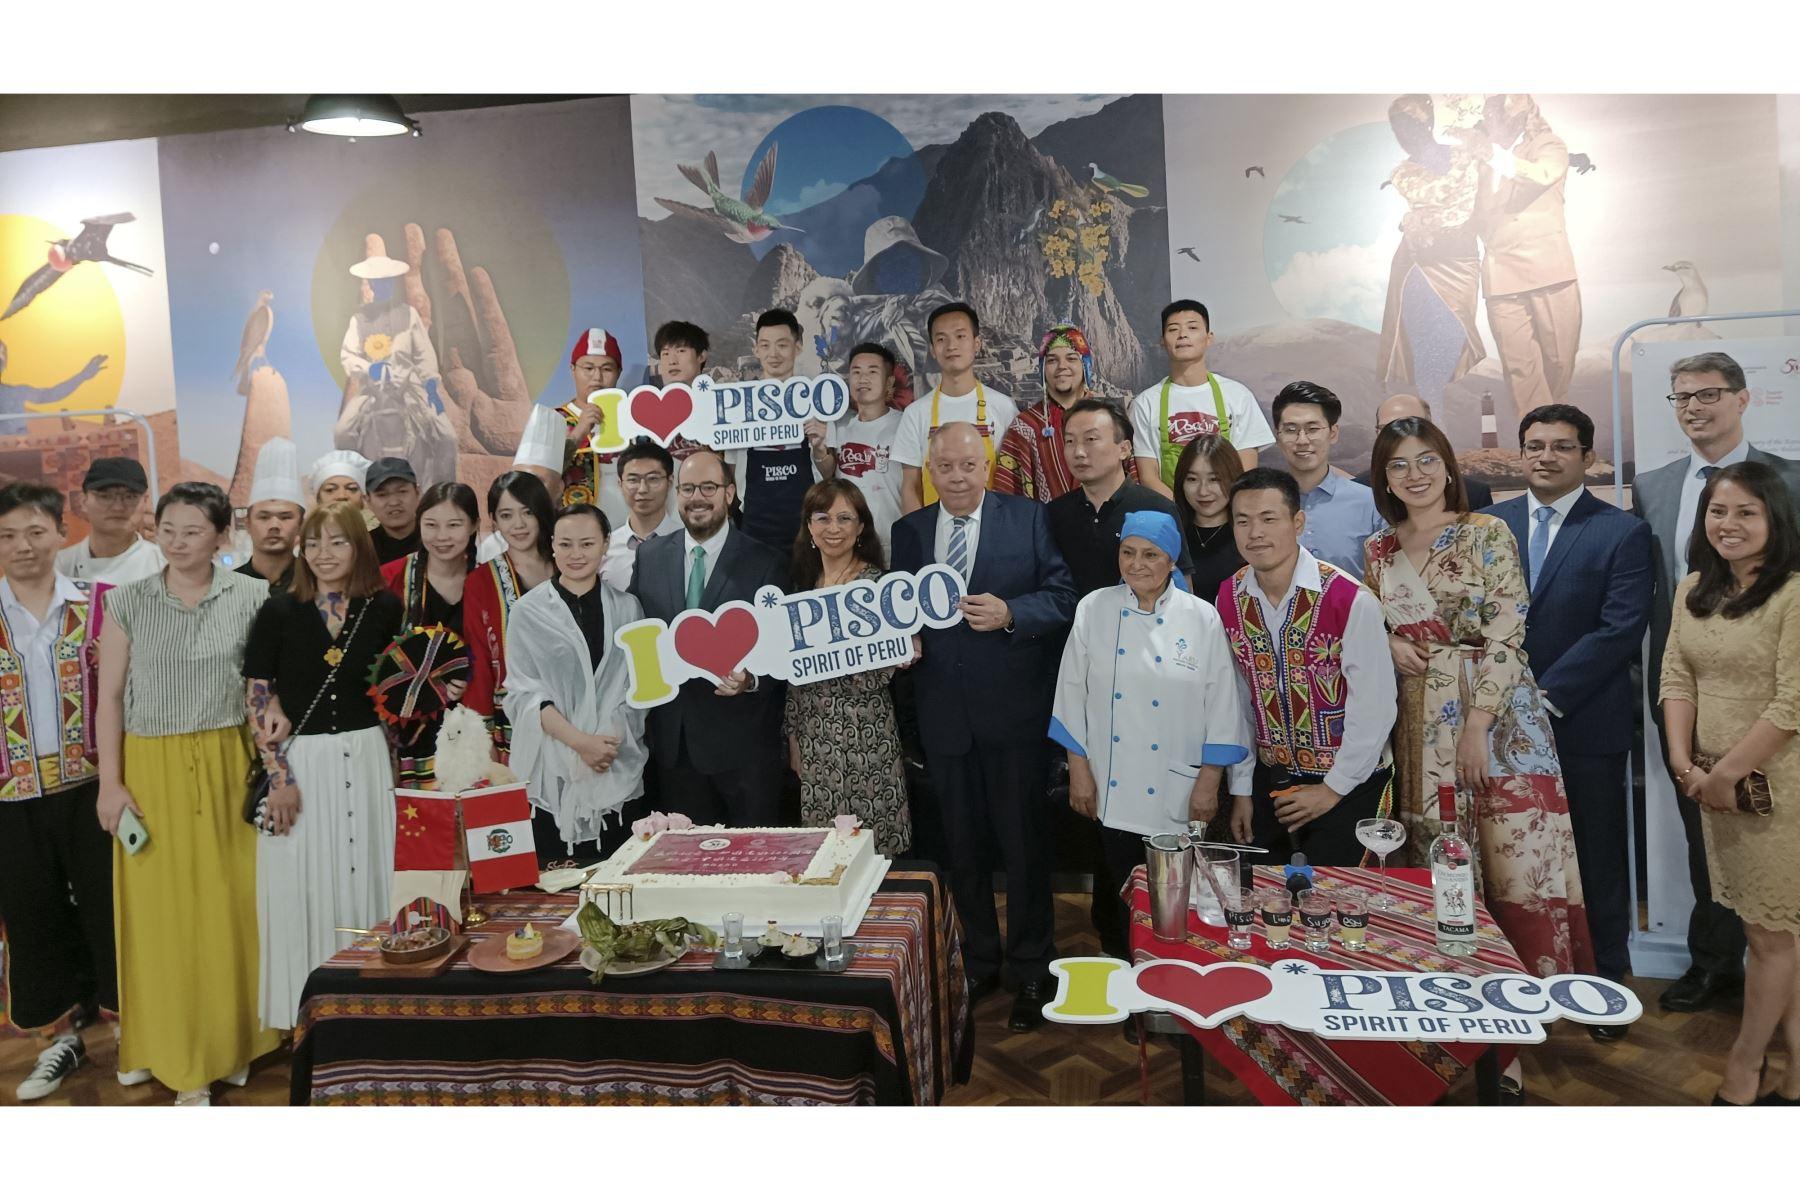 Bicentenario: el Perú luce la variedad y riqueza de su gastronomía en China